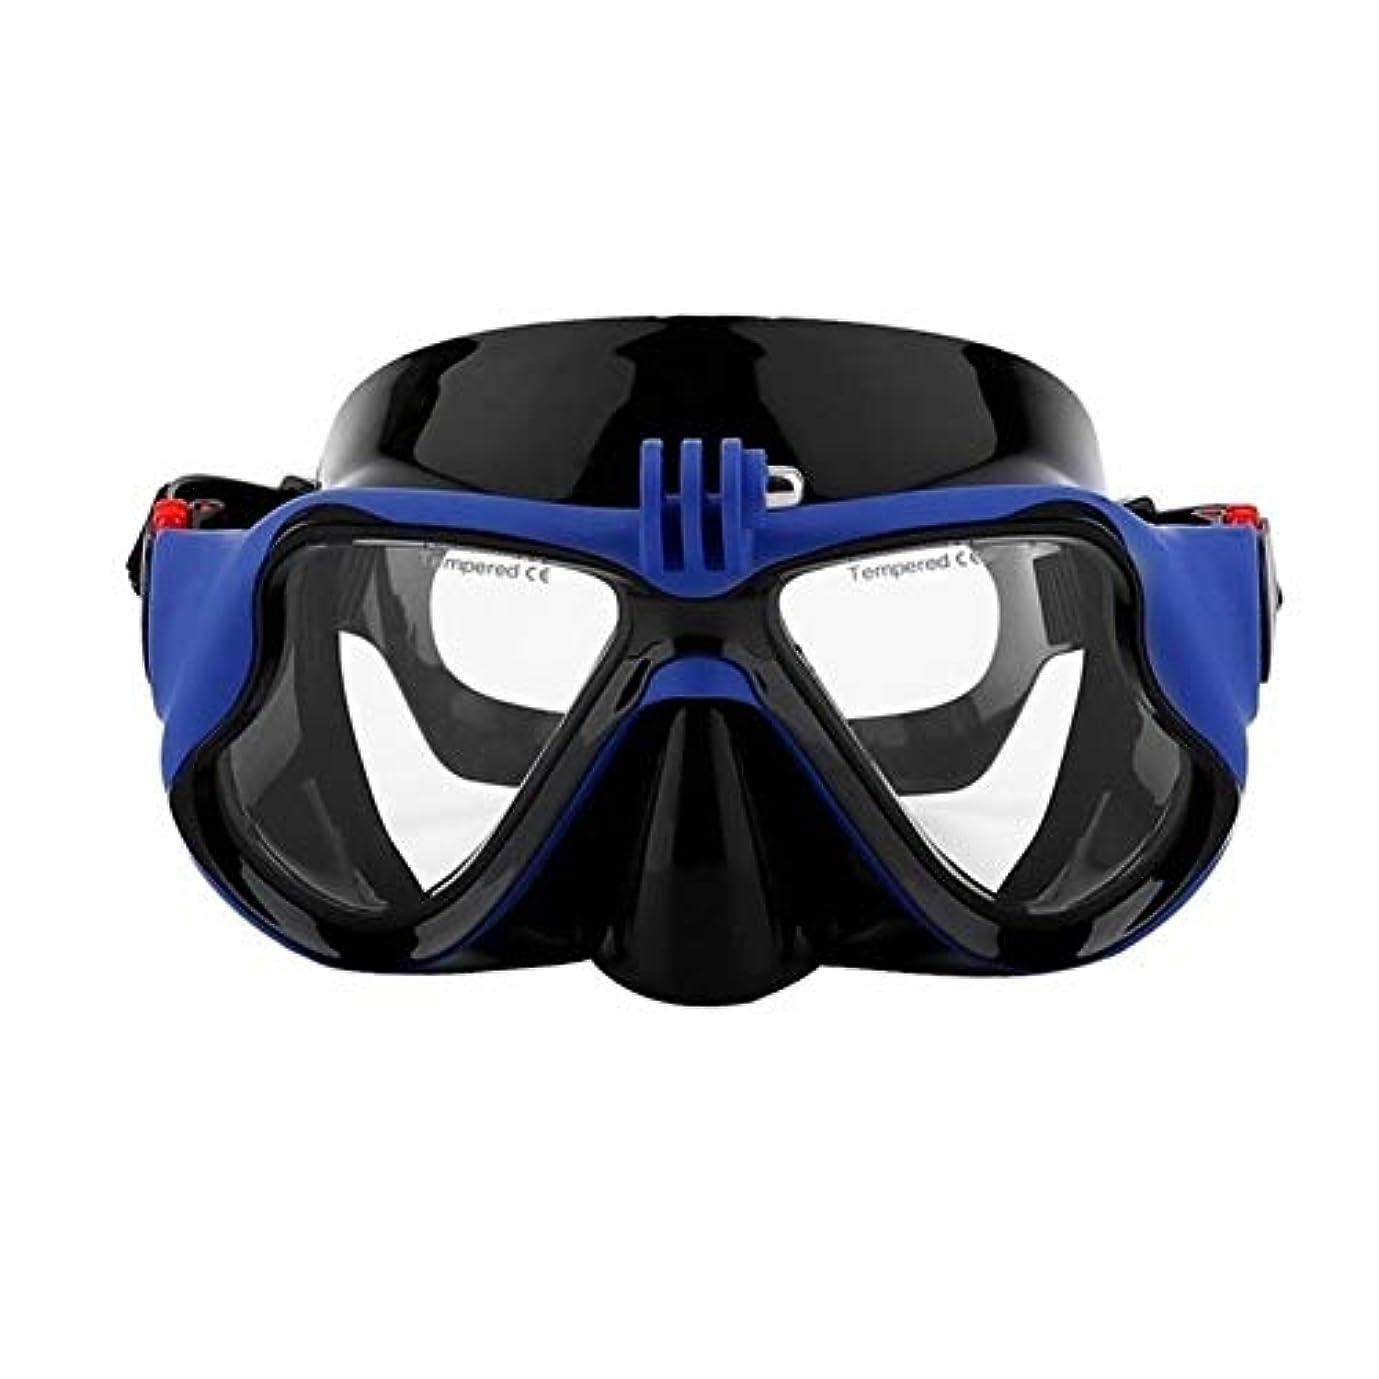 無秩序カバレッジサロンプロの水中カメラプレーンダイビングマスクダイビングシュノーケル水泳ゴーグル用標準スポーツカメラ卸売 g5y9k2i3rw1